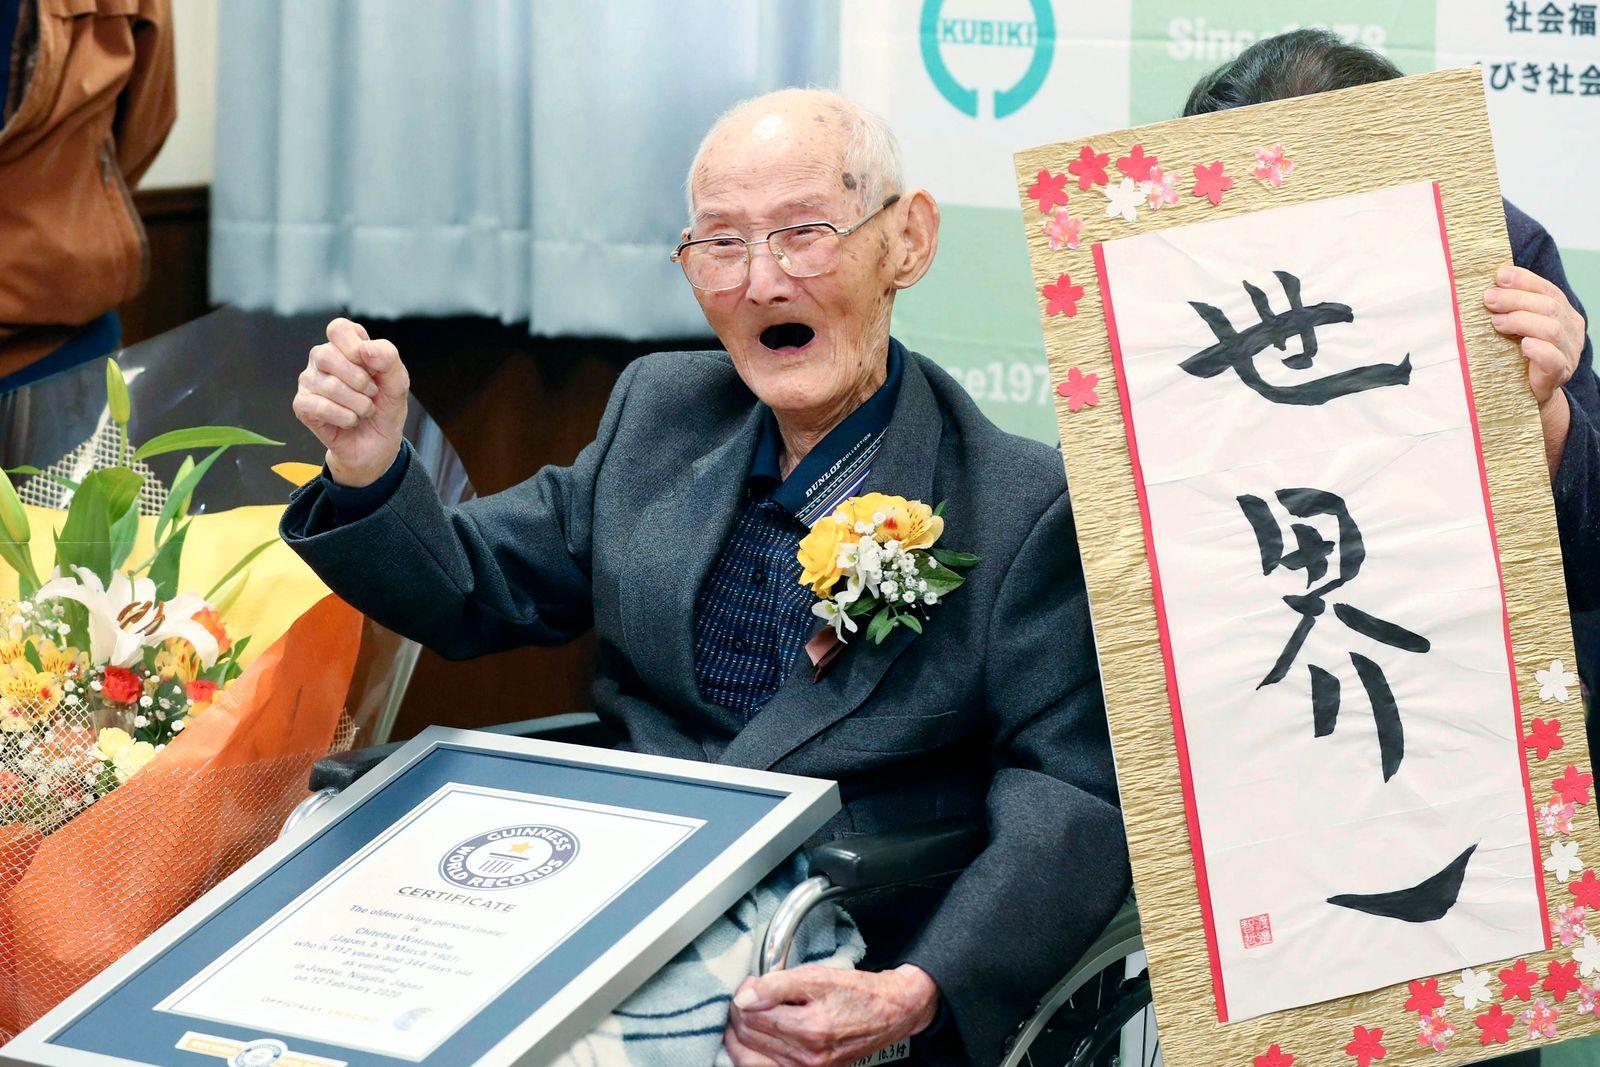 Japan Oldest Man